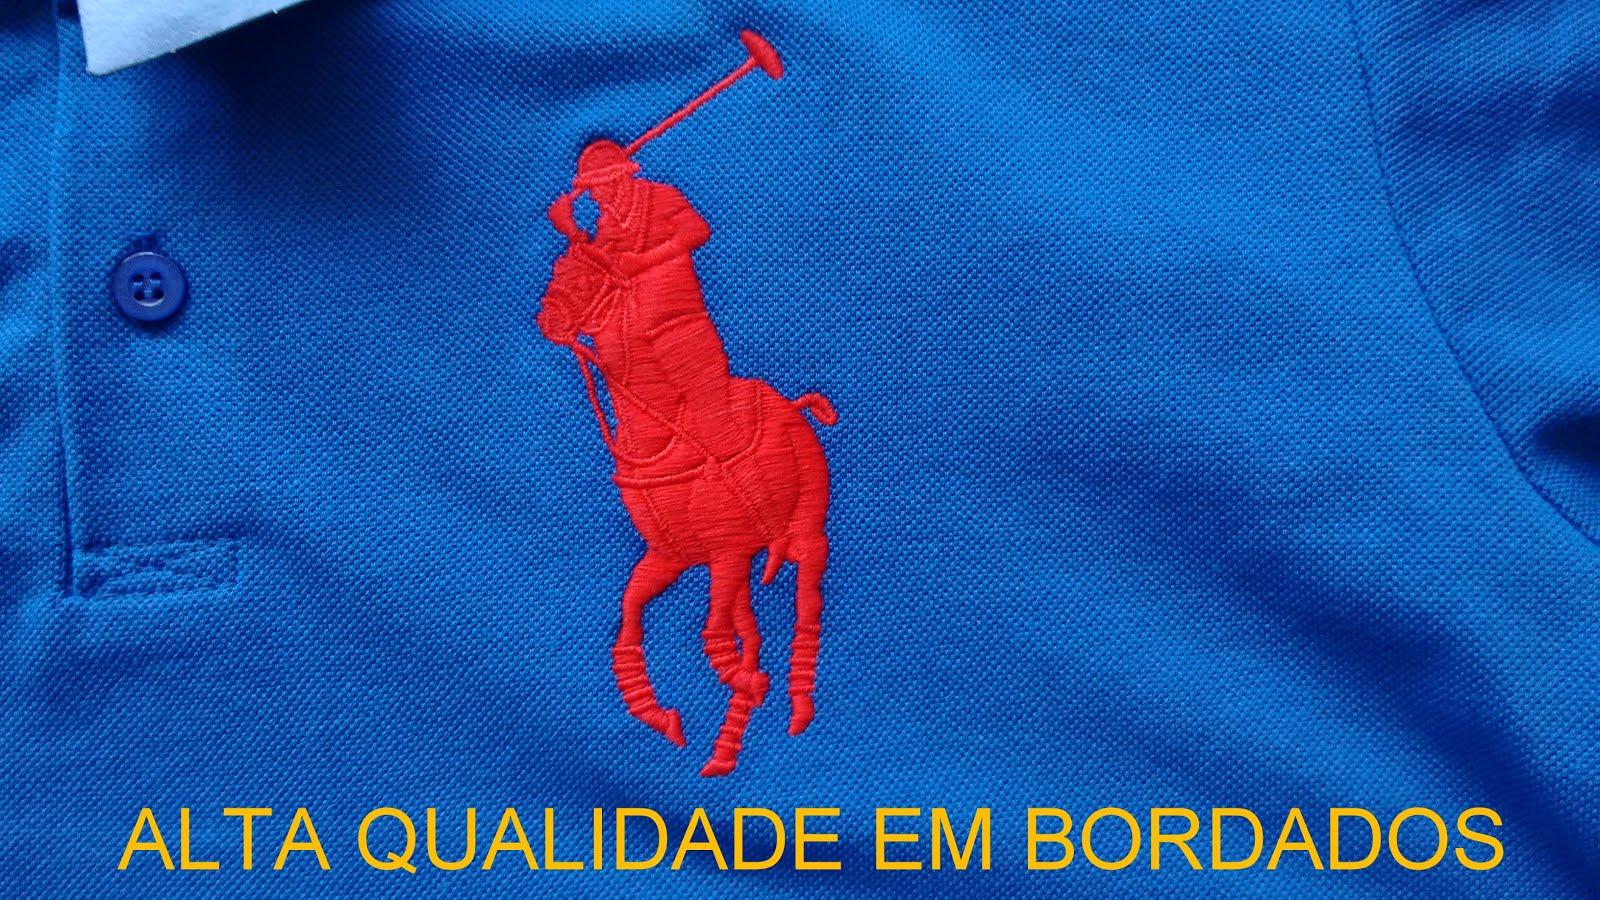 EXCELENCIA EM BORDADOS